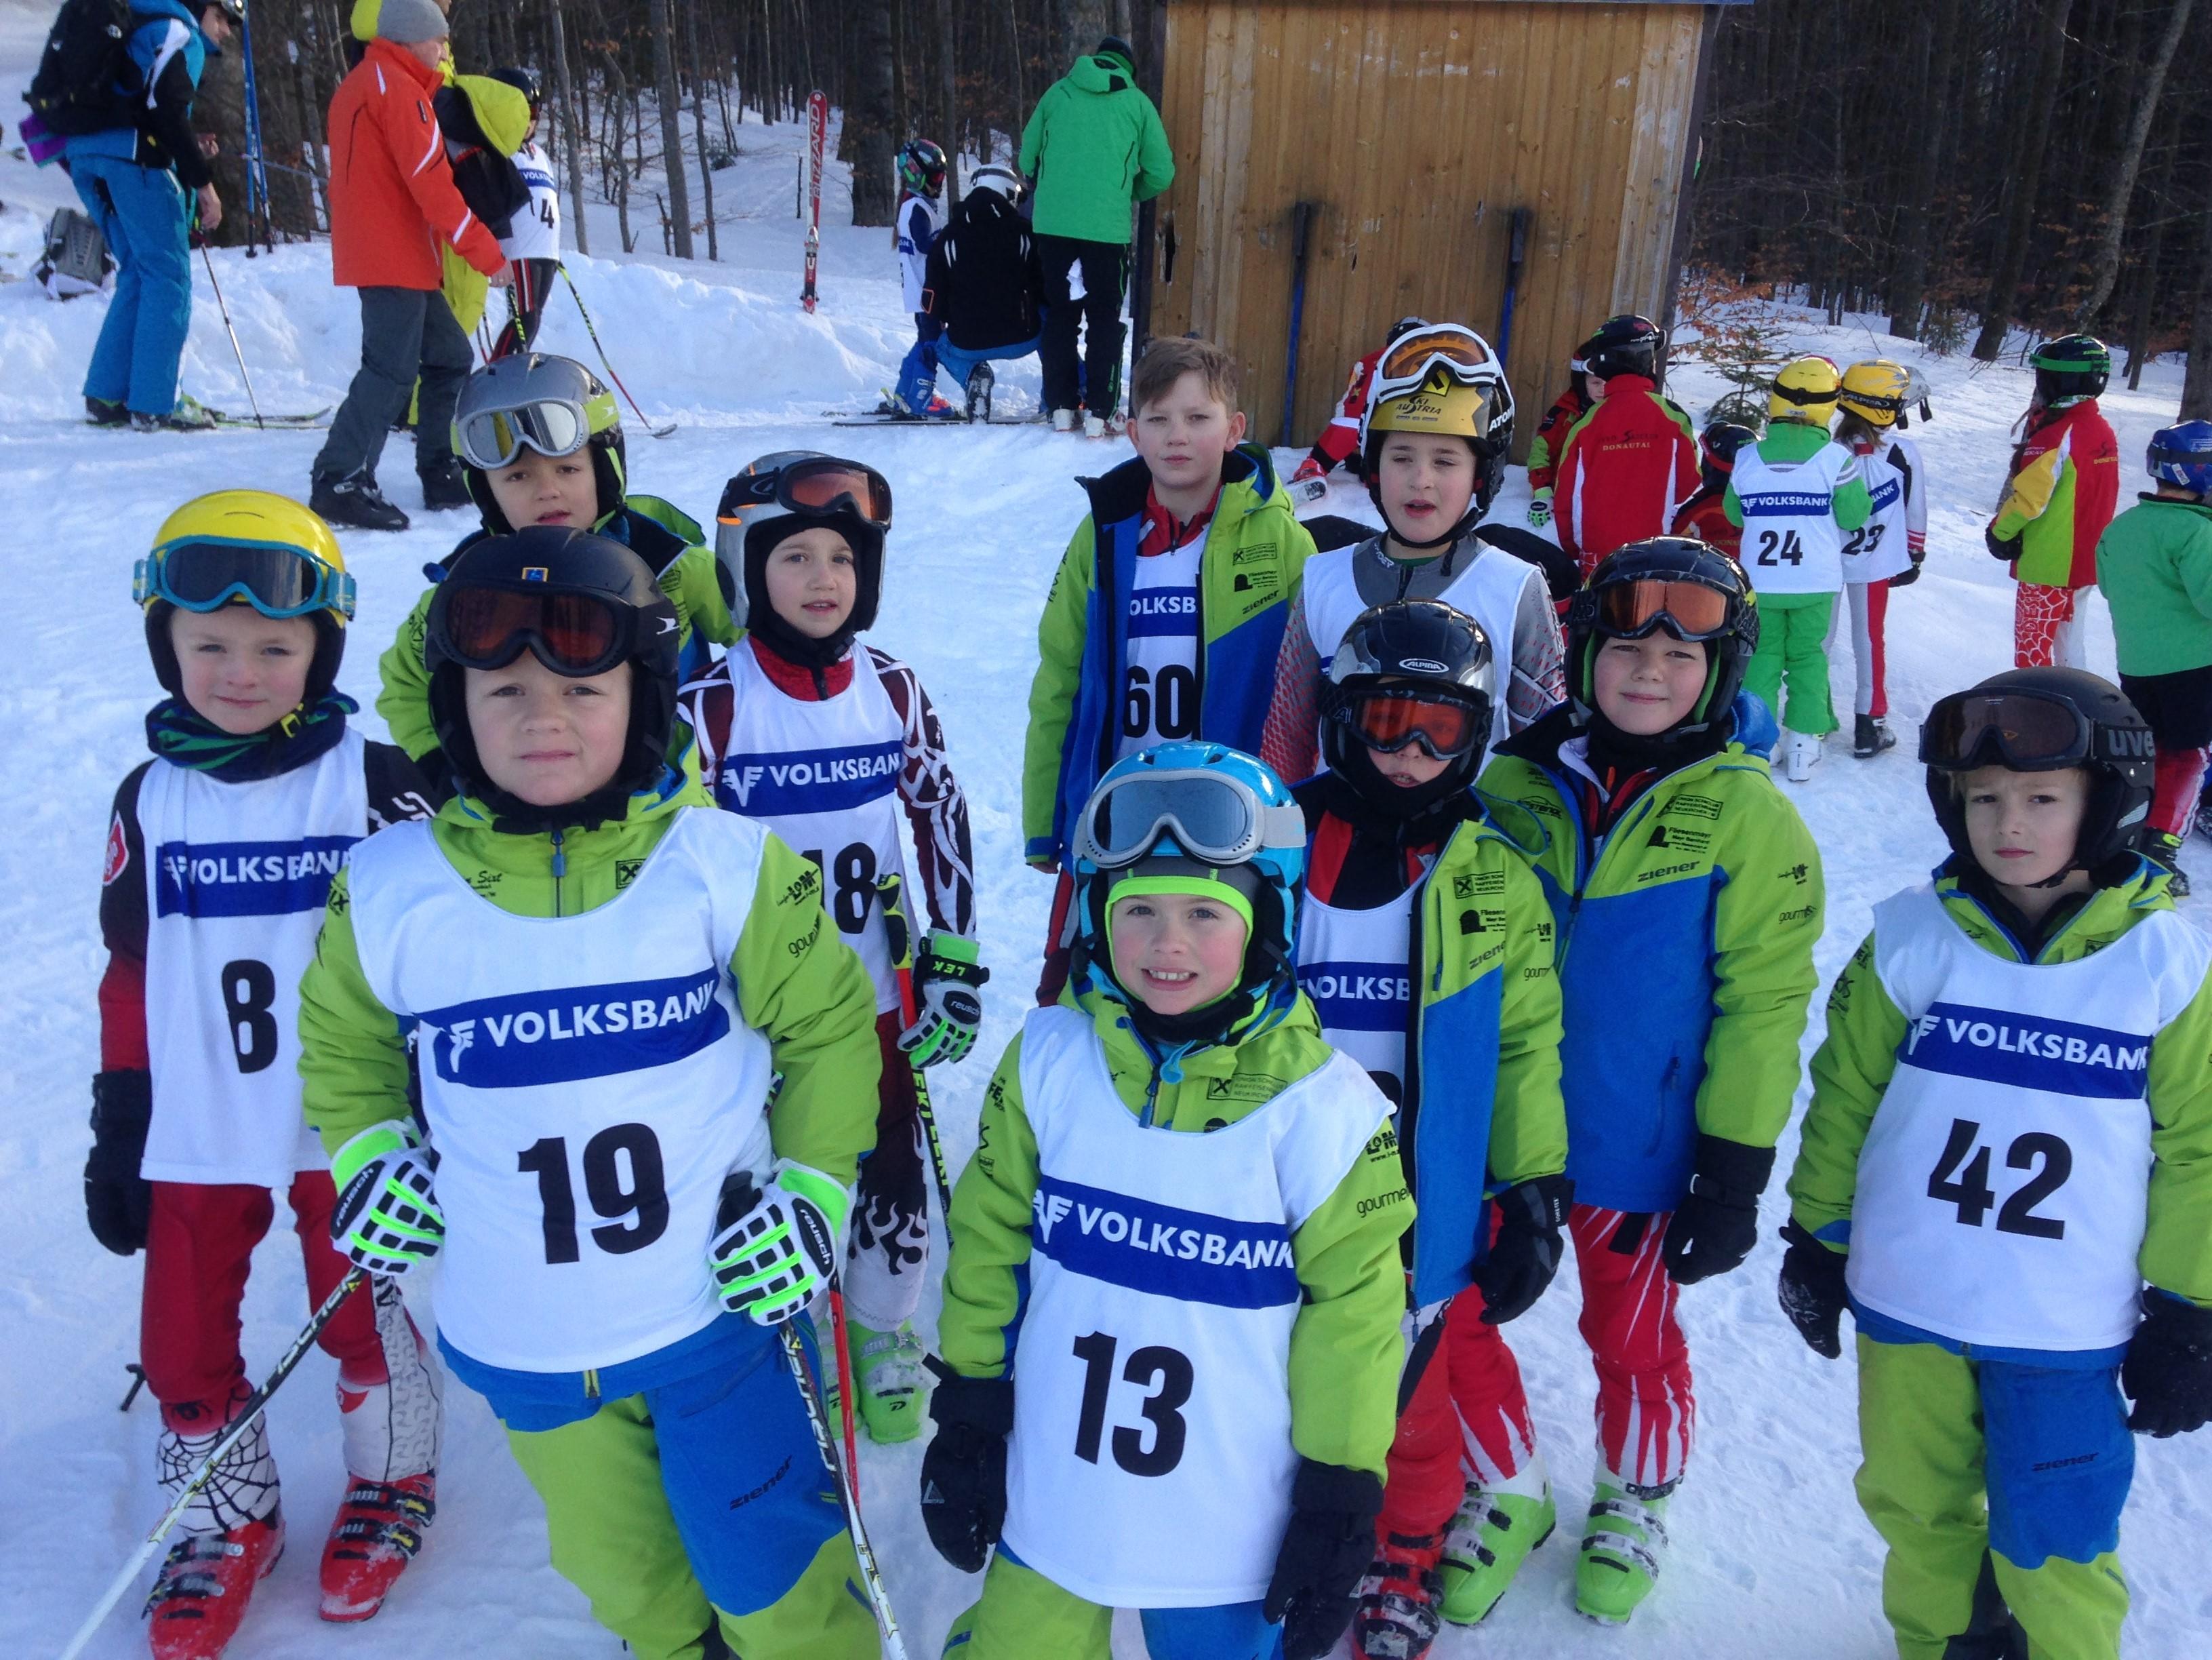 Junge Skirennläufer starten in die Saison